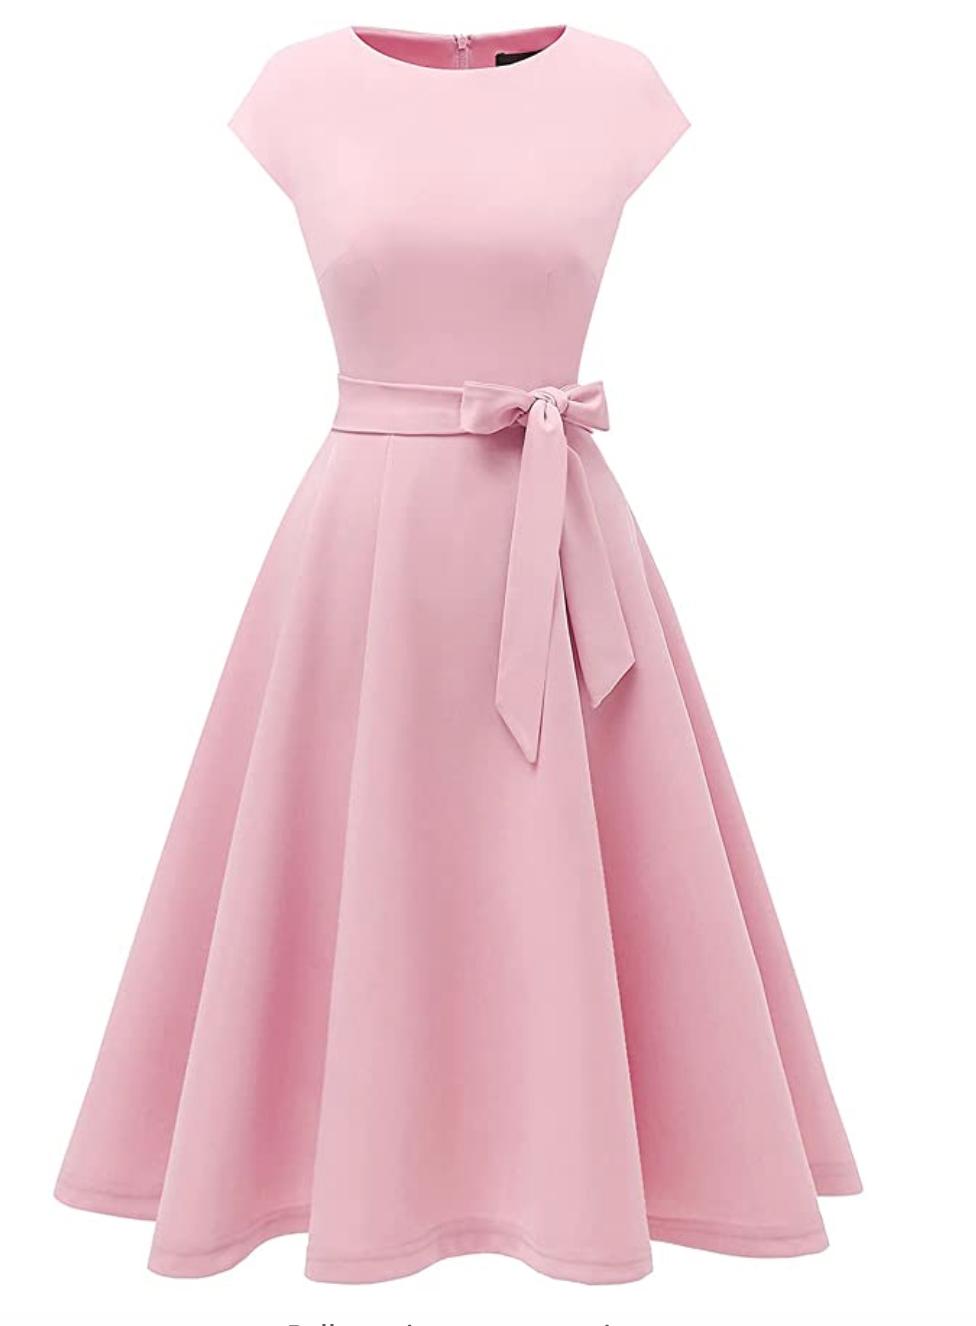 Rosa Amazon Kleid_Herzogin Kate